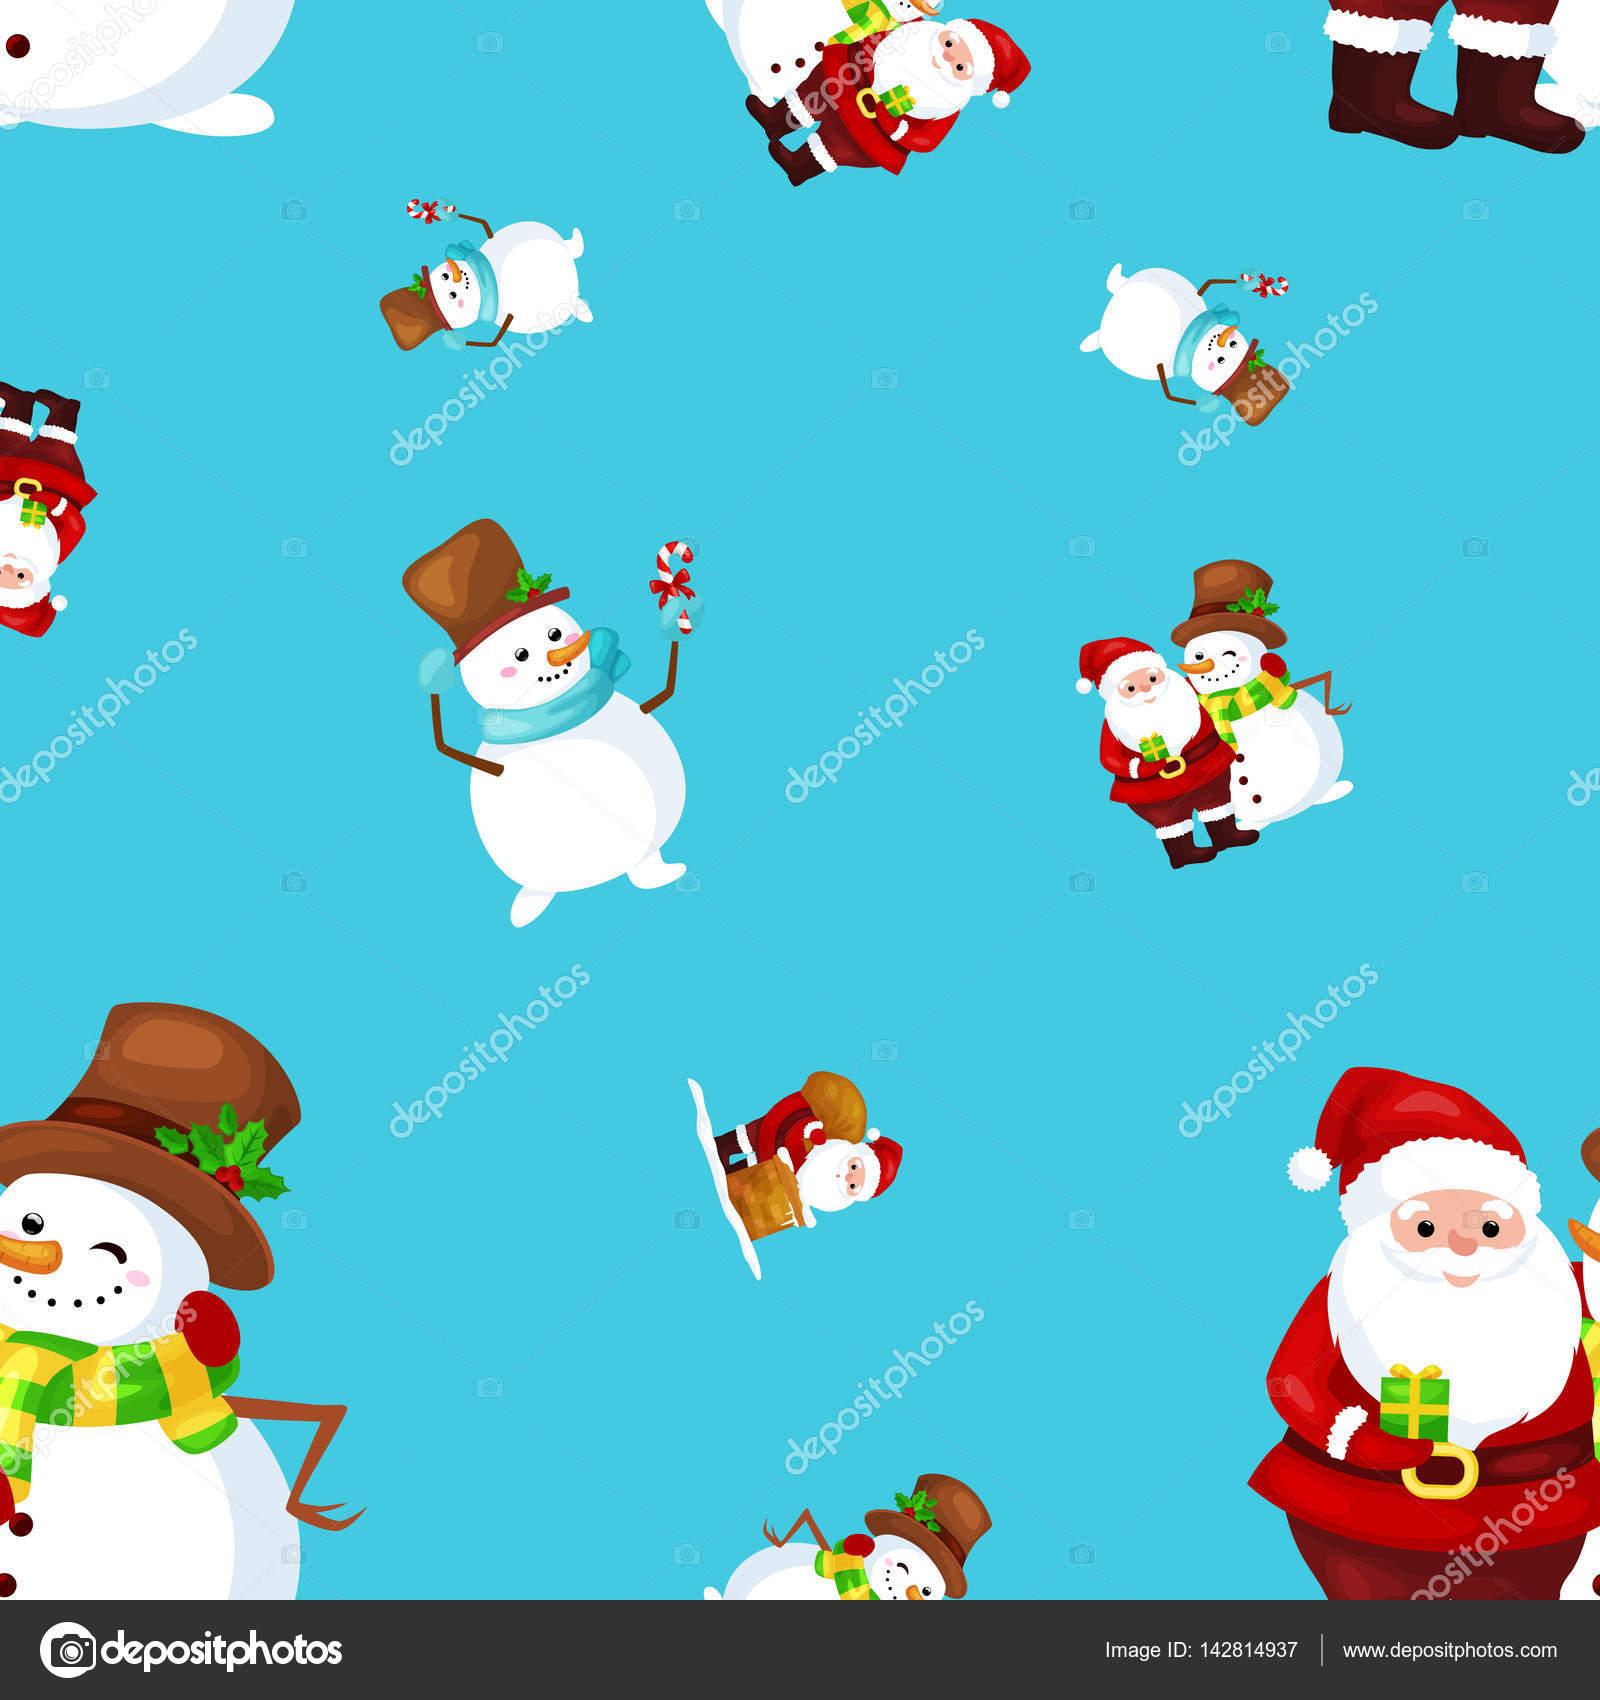 Frohe Weihnachten An Freunde.Frohe Weihnachten Und Happy New Year Freunde Santa Claus In Hut